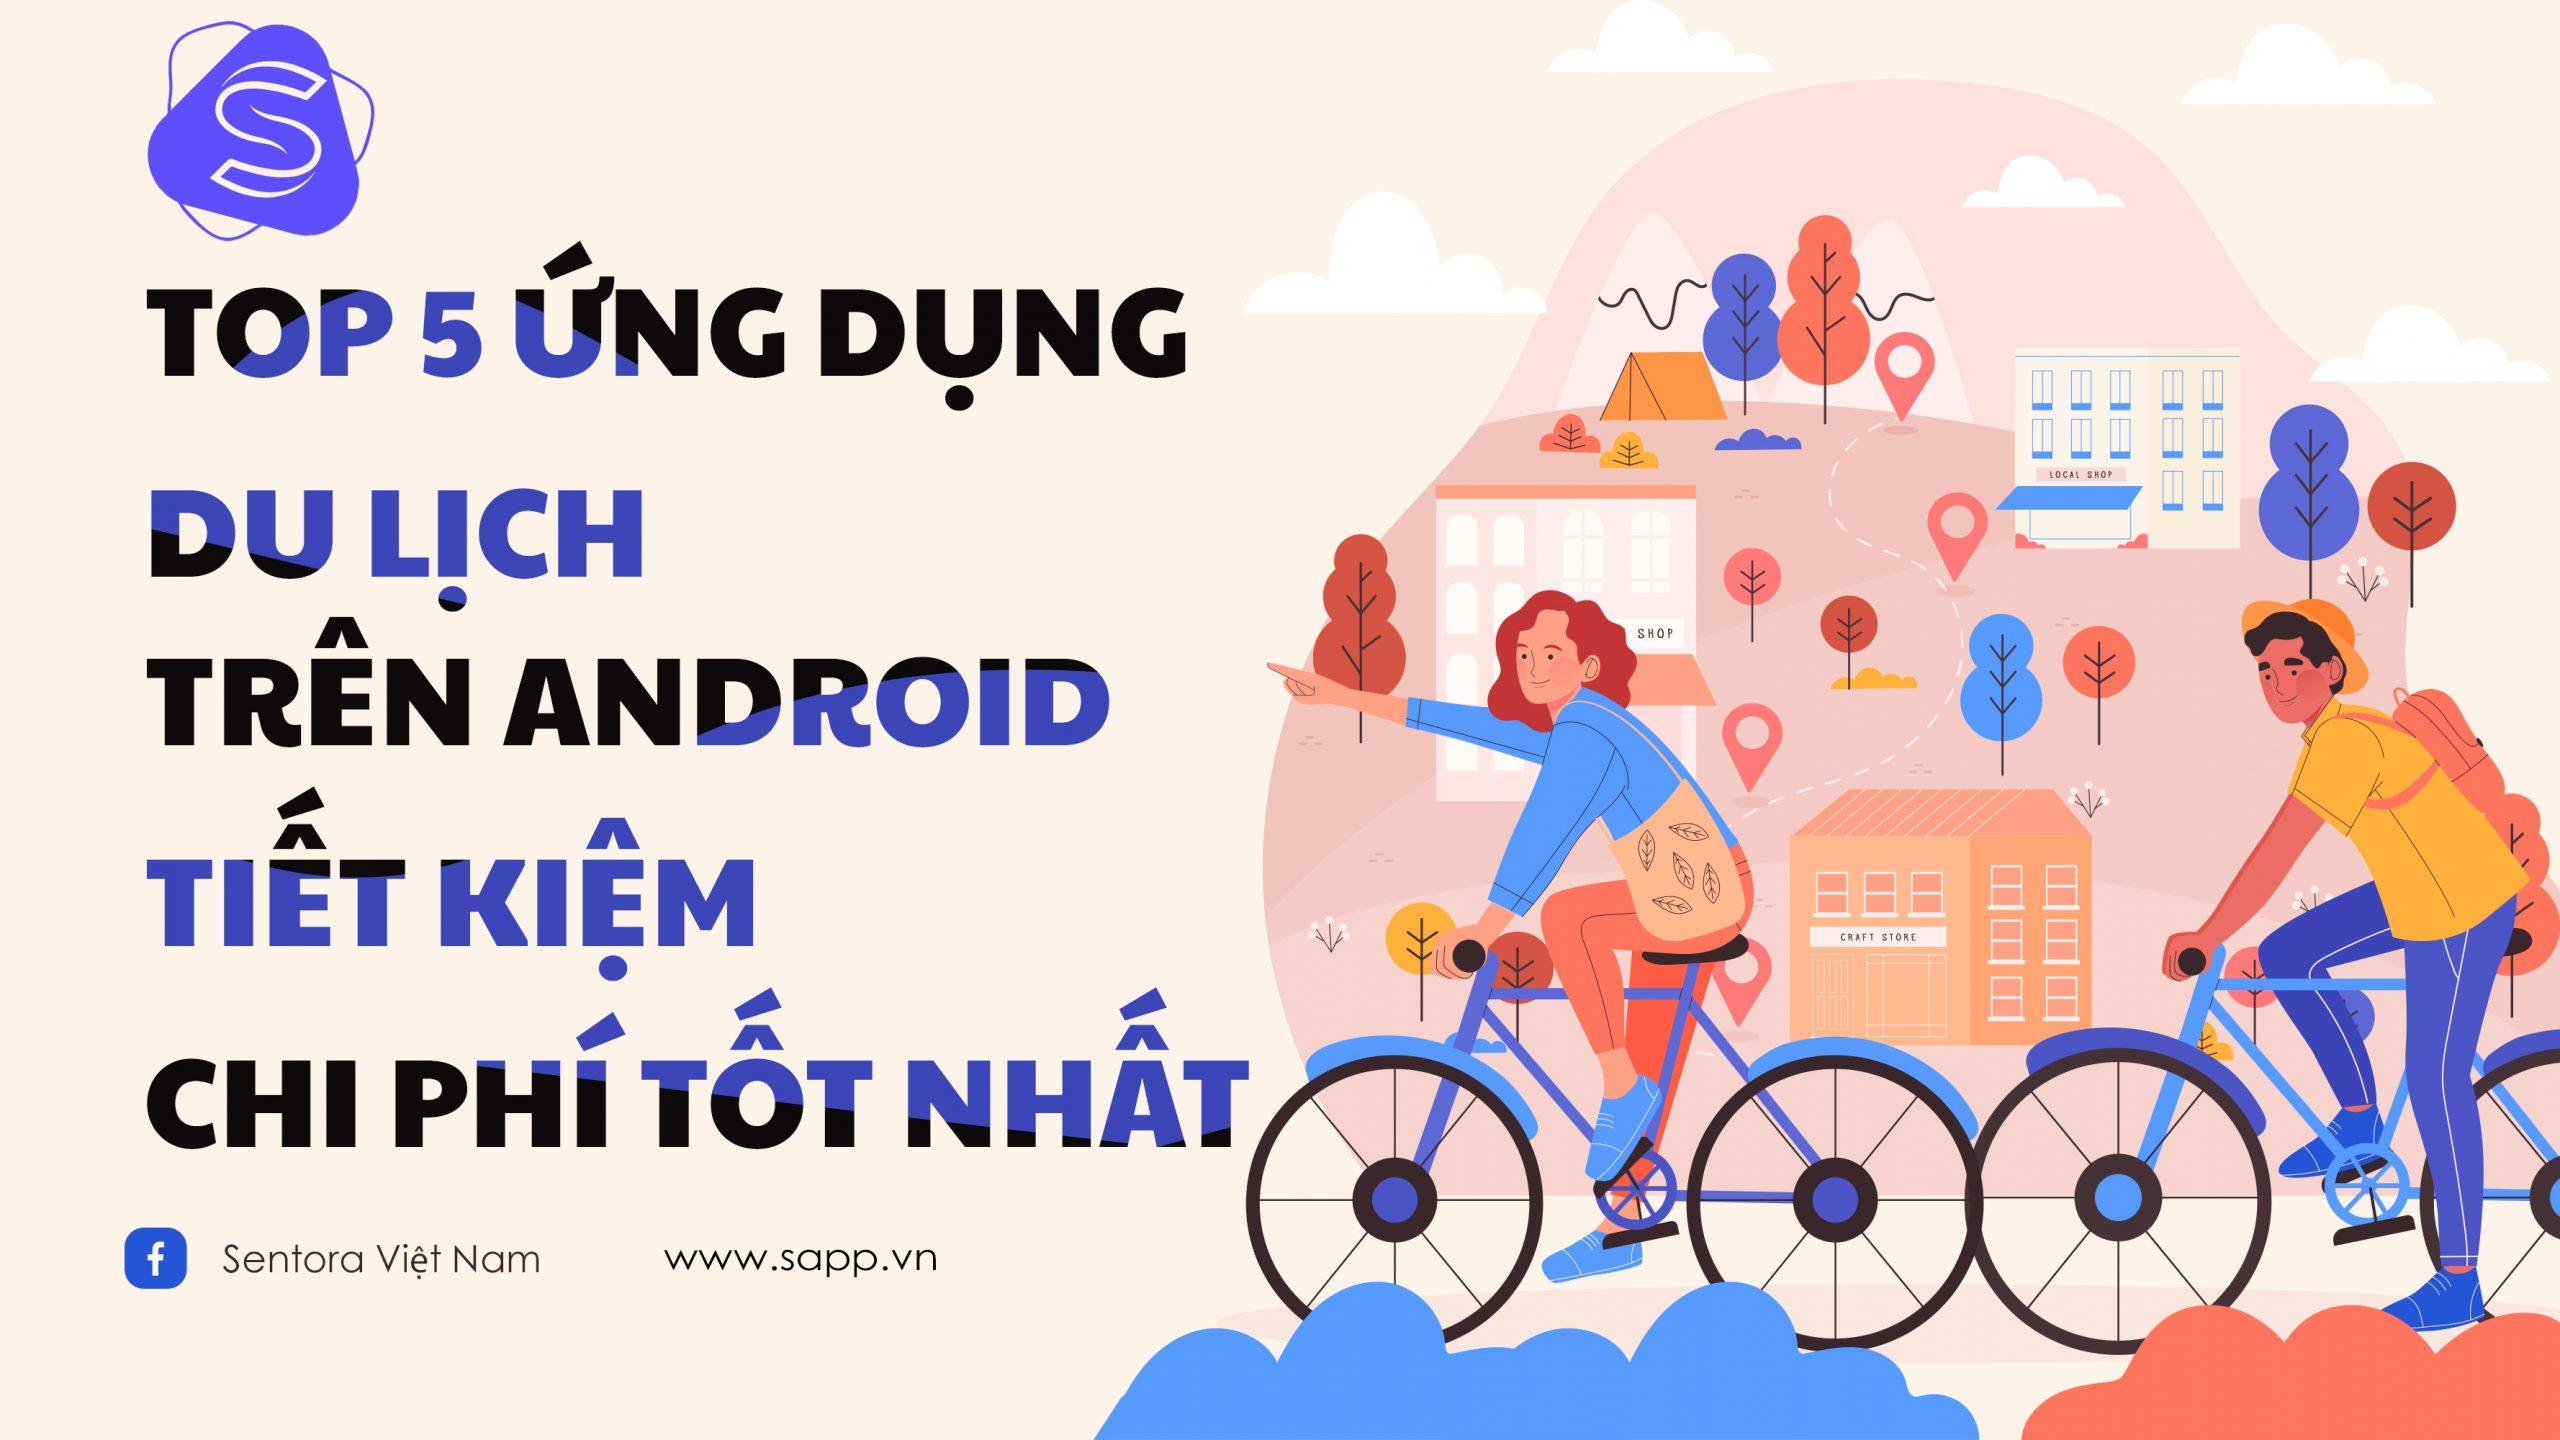 LIST 5 ứng dụng du lịch trên Android tiết kiệm chi phí tốt nhất 2021